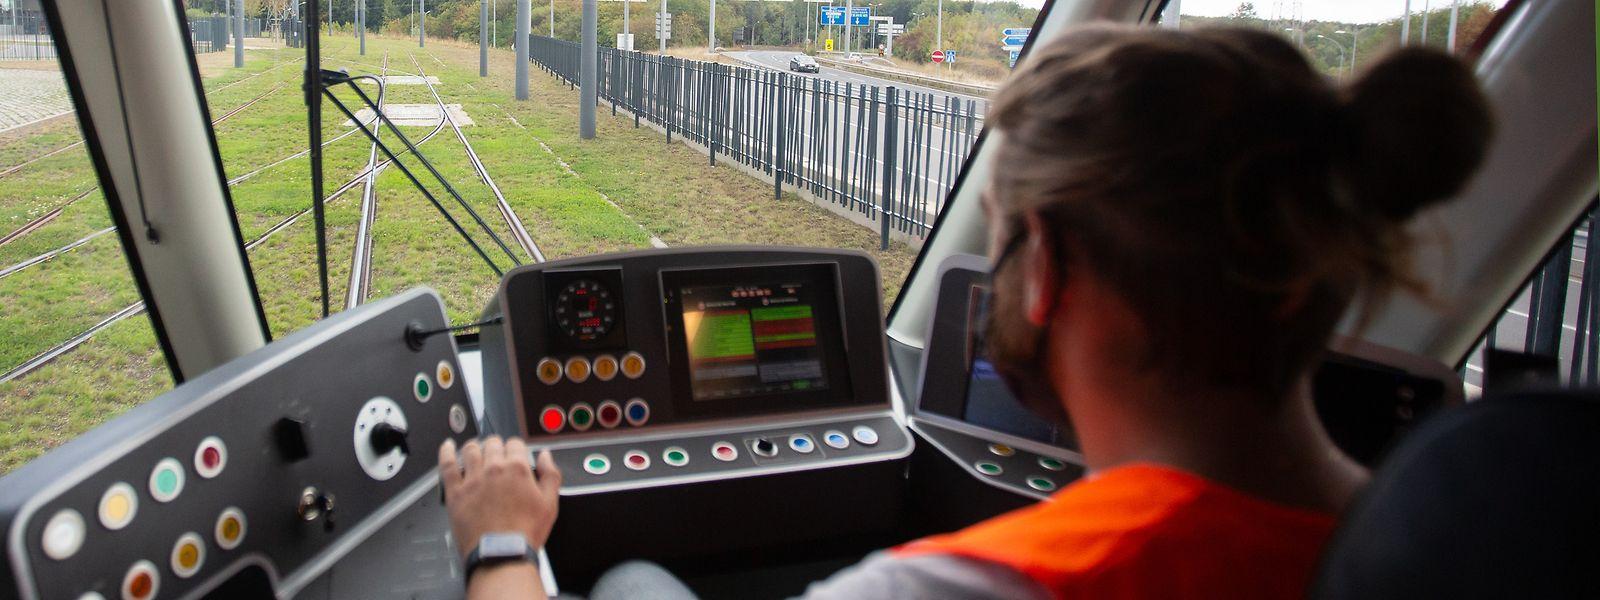 Si aucune estimation du coût de ce futur couloir multimodal n'a été avancée pour le moment, François Bausch doir lever le voile sur les détails du projet ce mercredi.